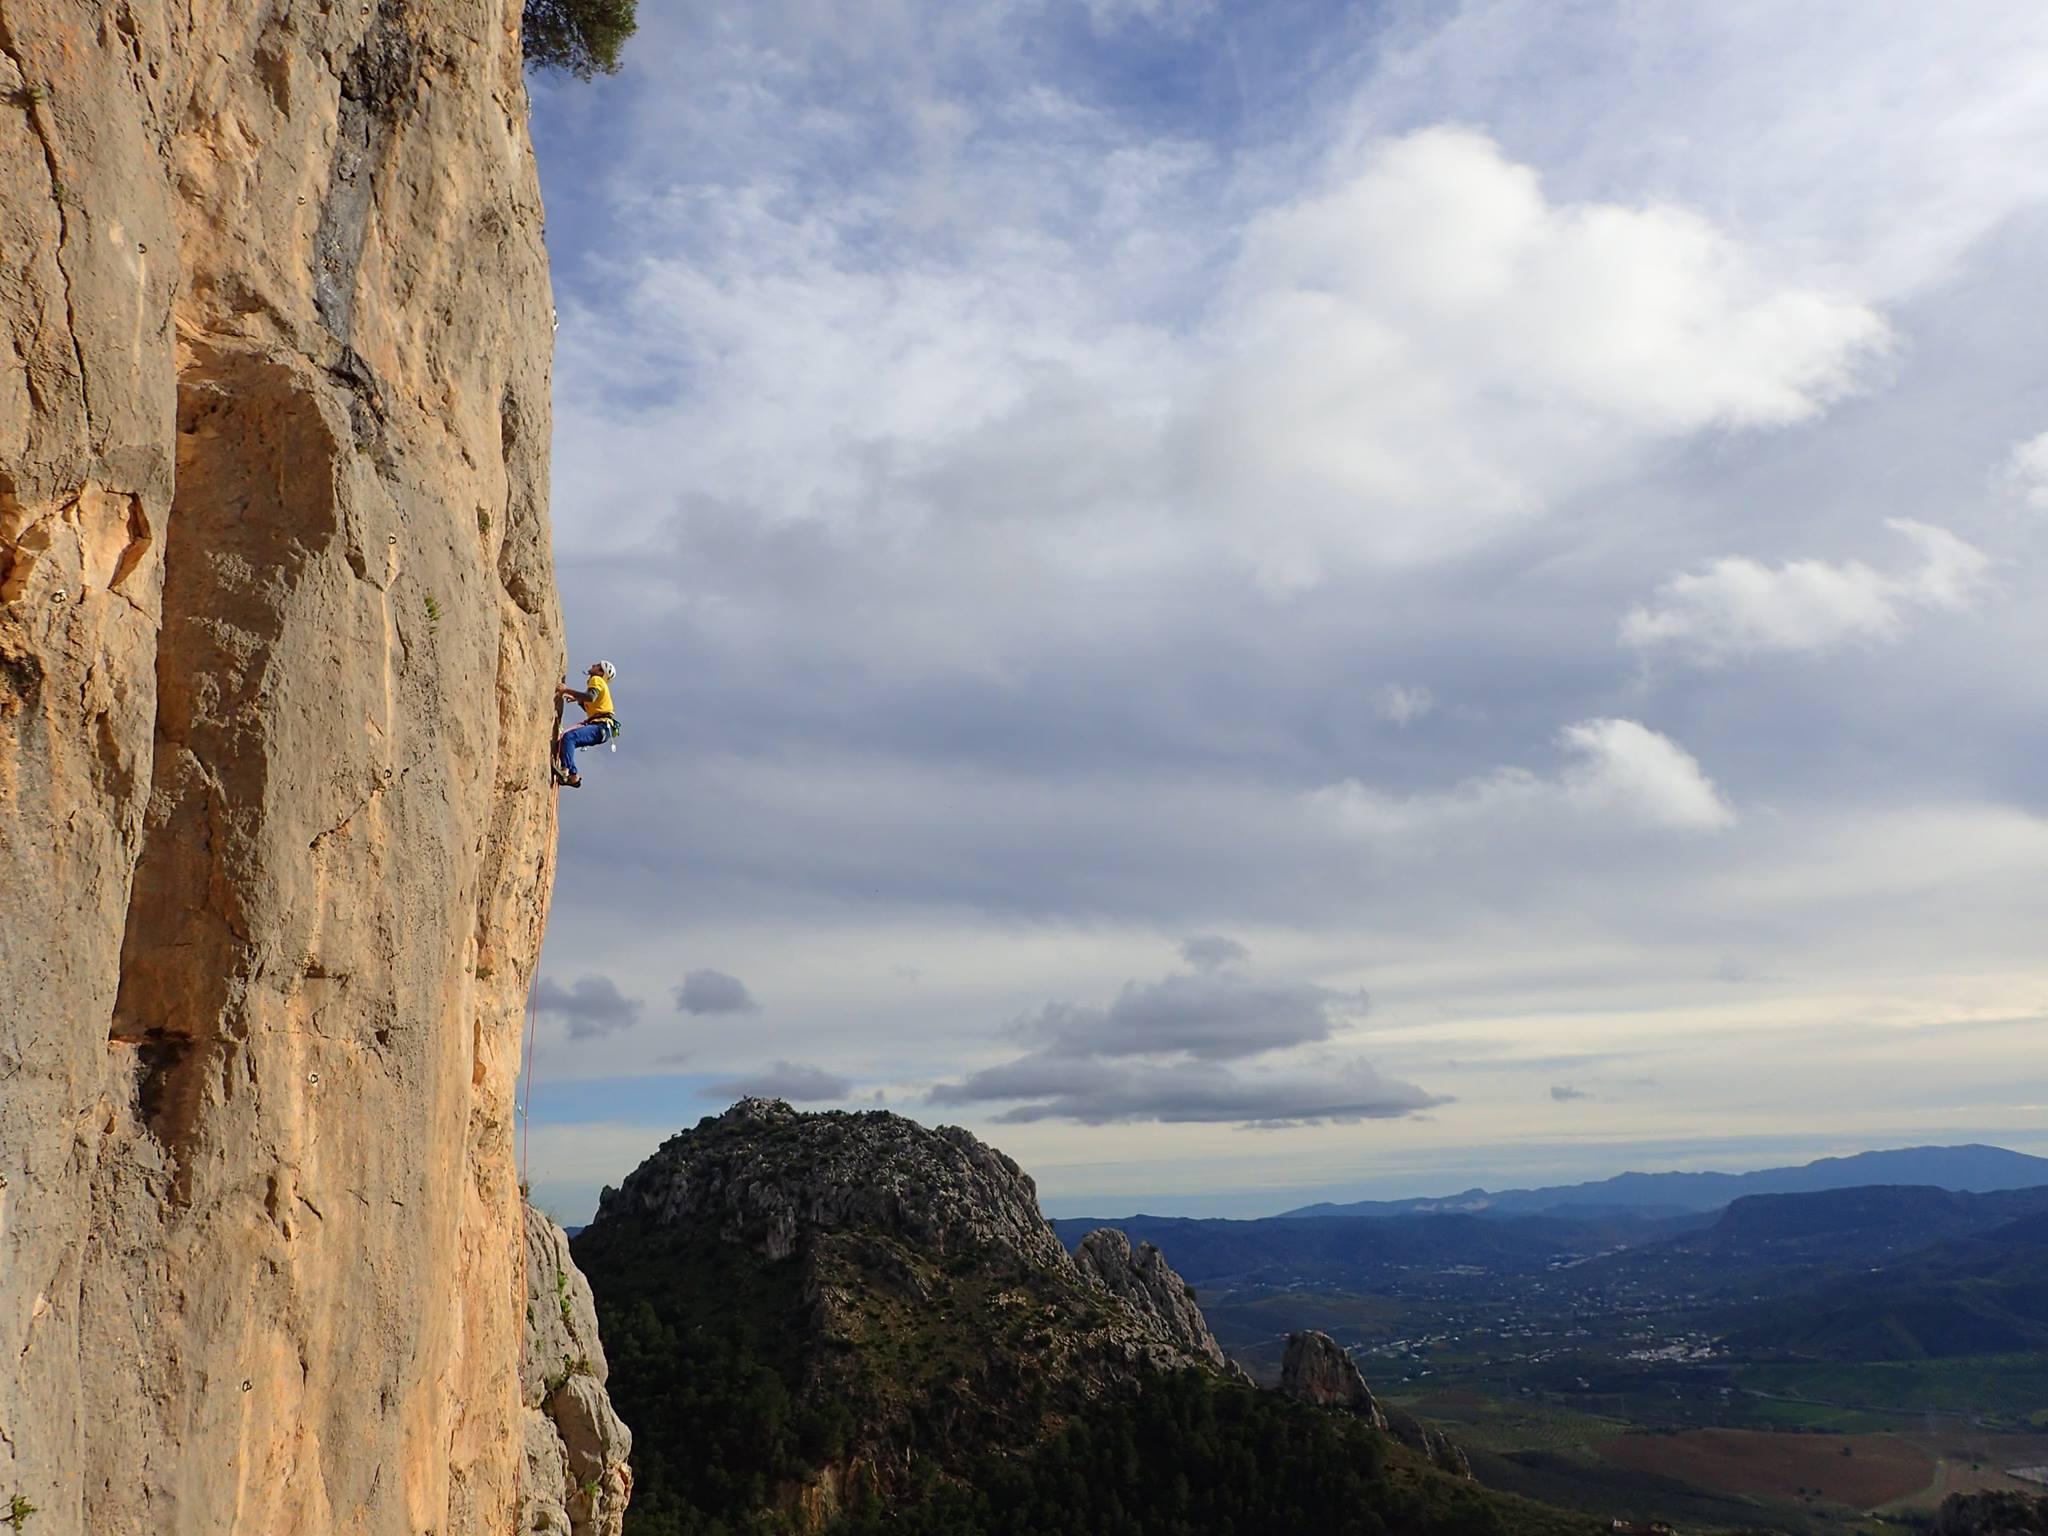 Kursy wspinaczkowe w El Chorro